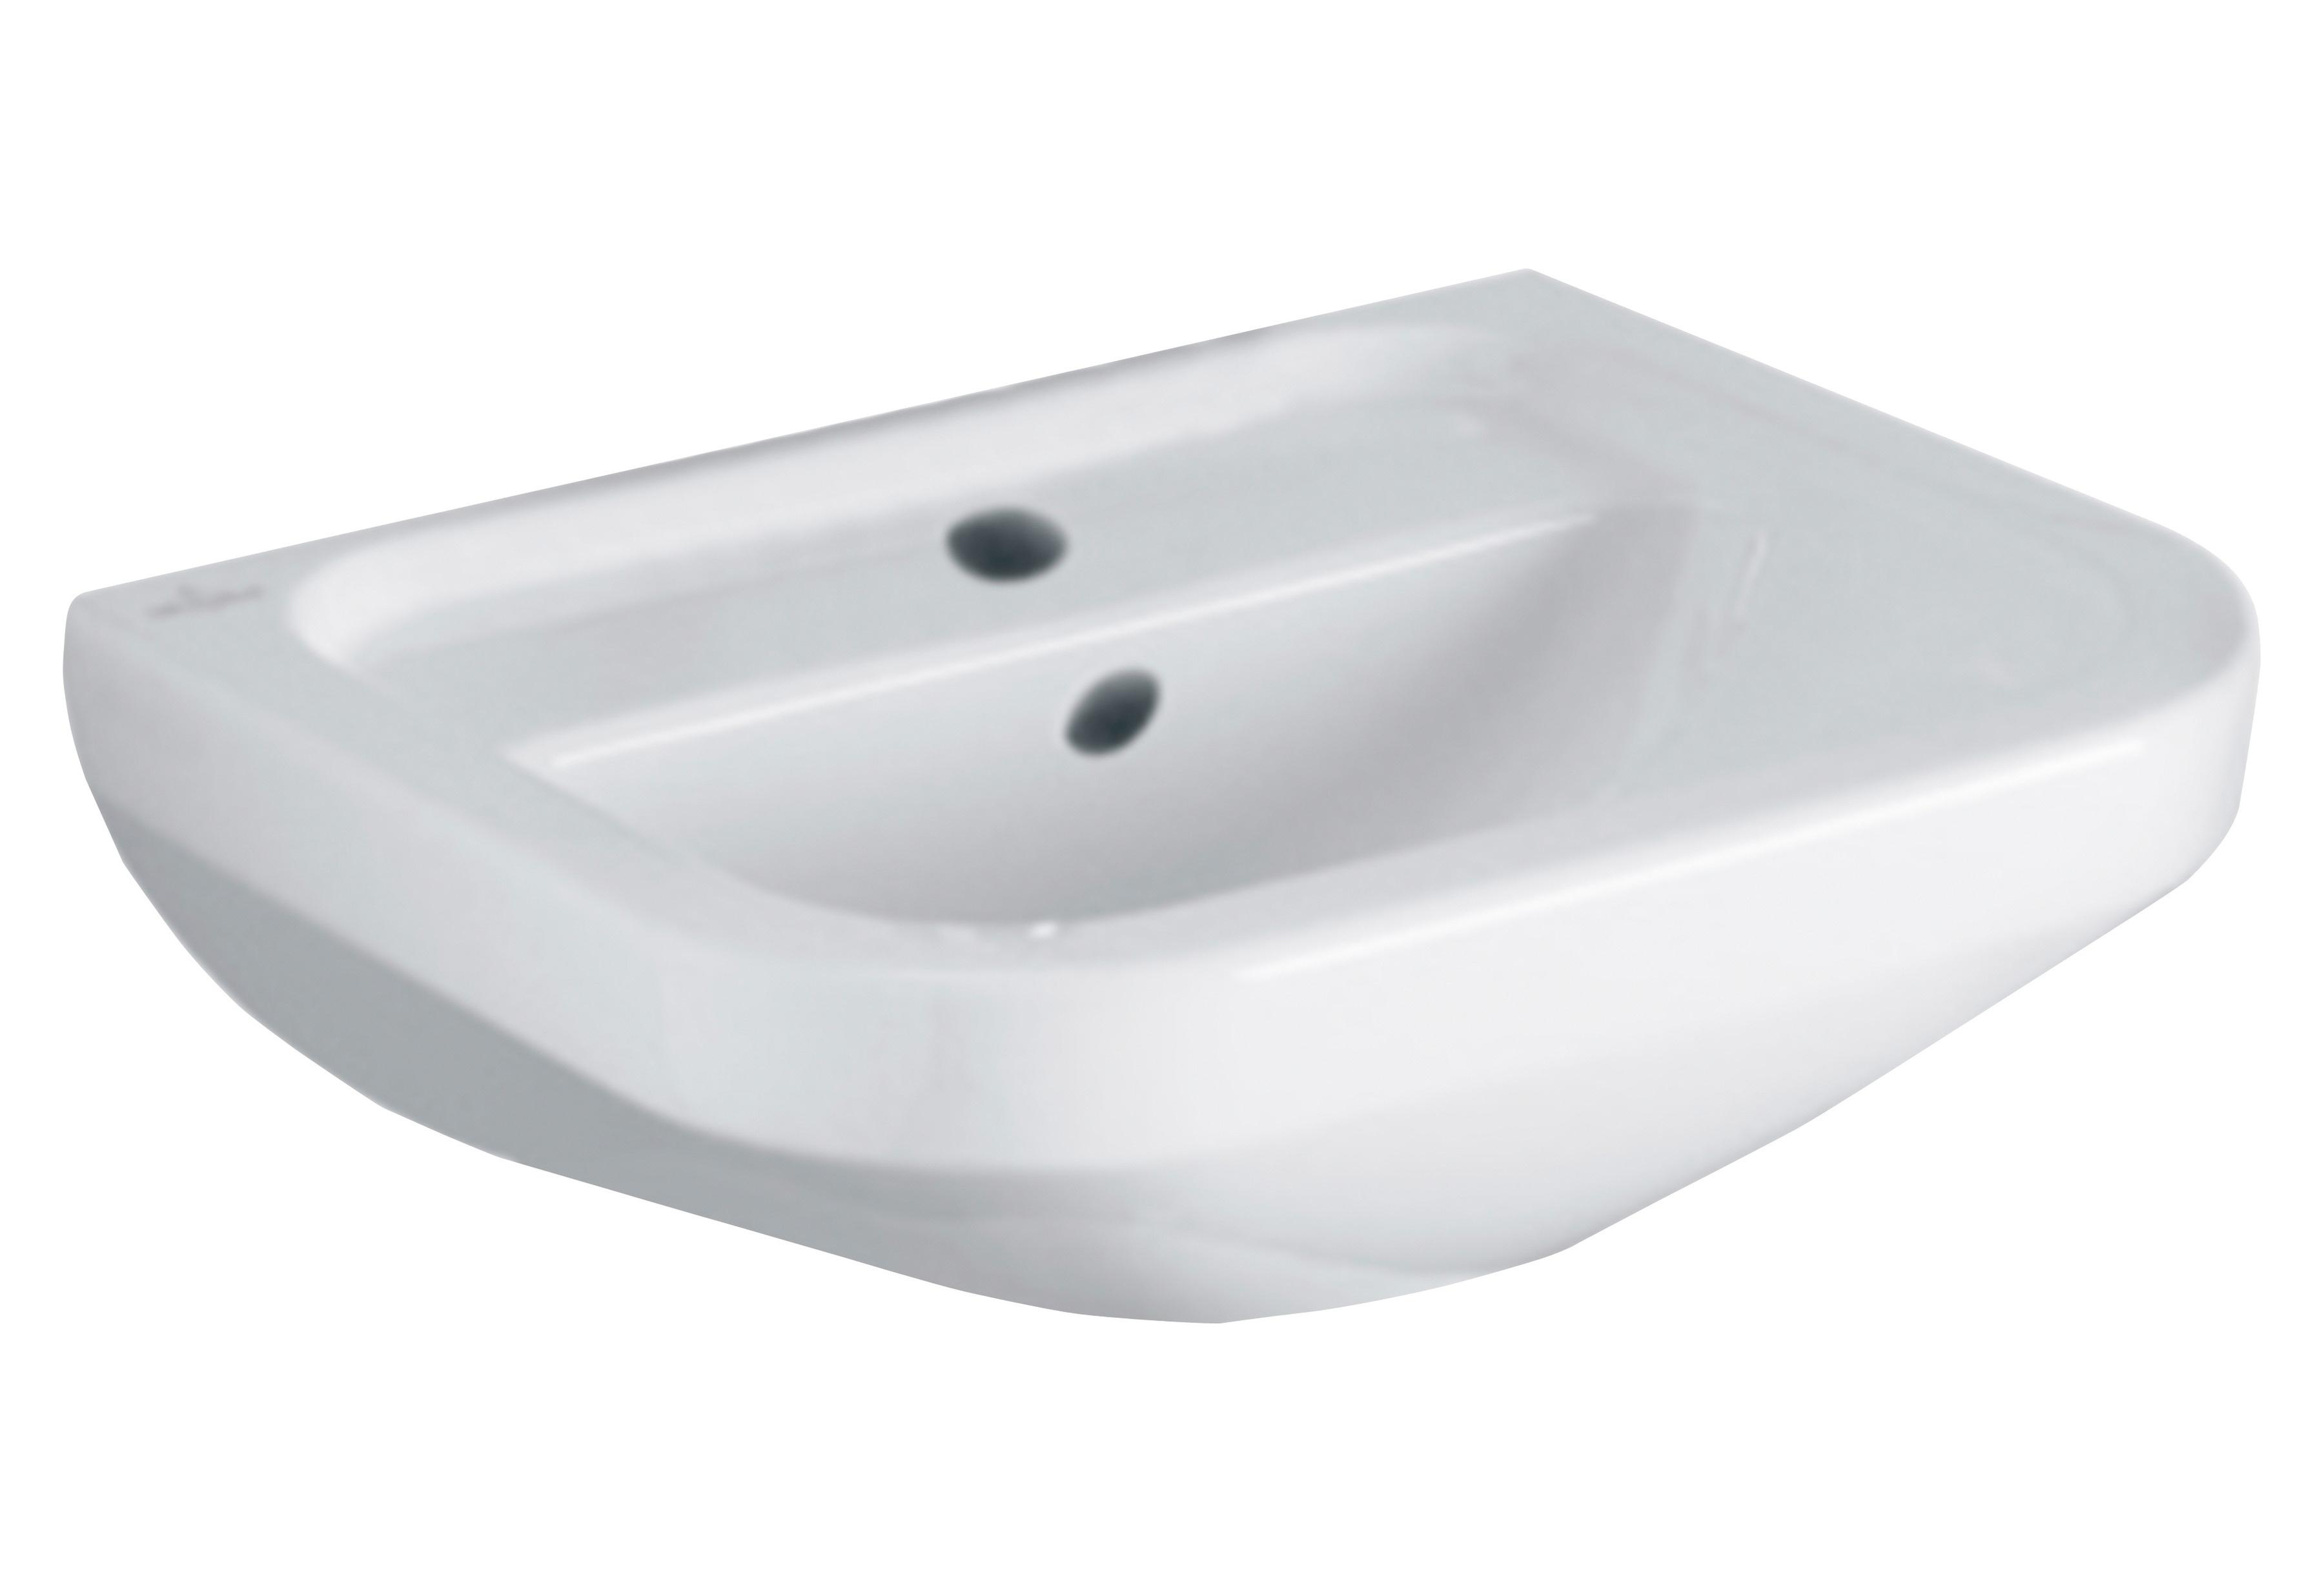 Villeroy & Boch Keramik Waschtisch / Waschbecken »Architectura« Breite 46 cm